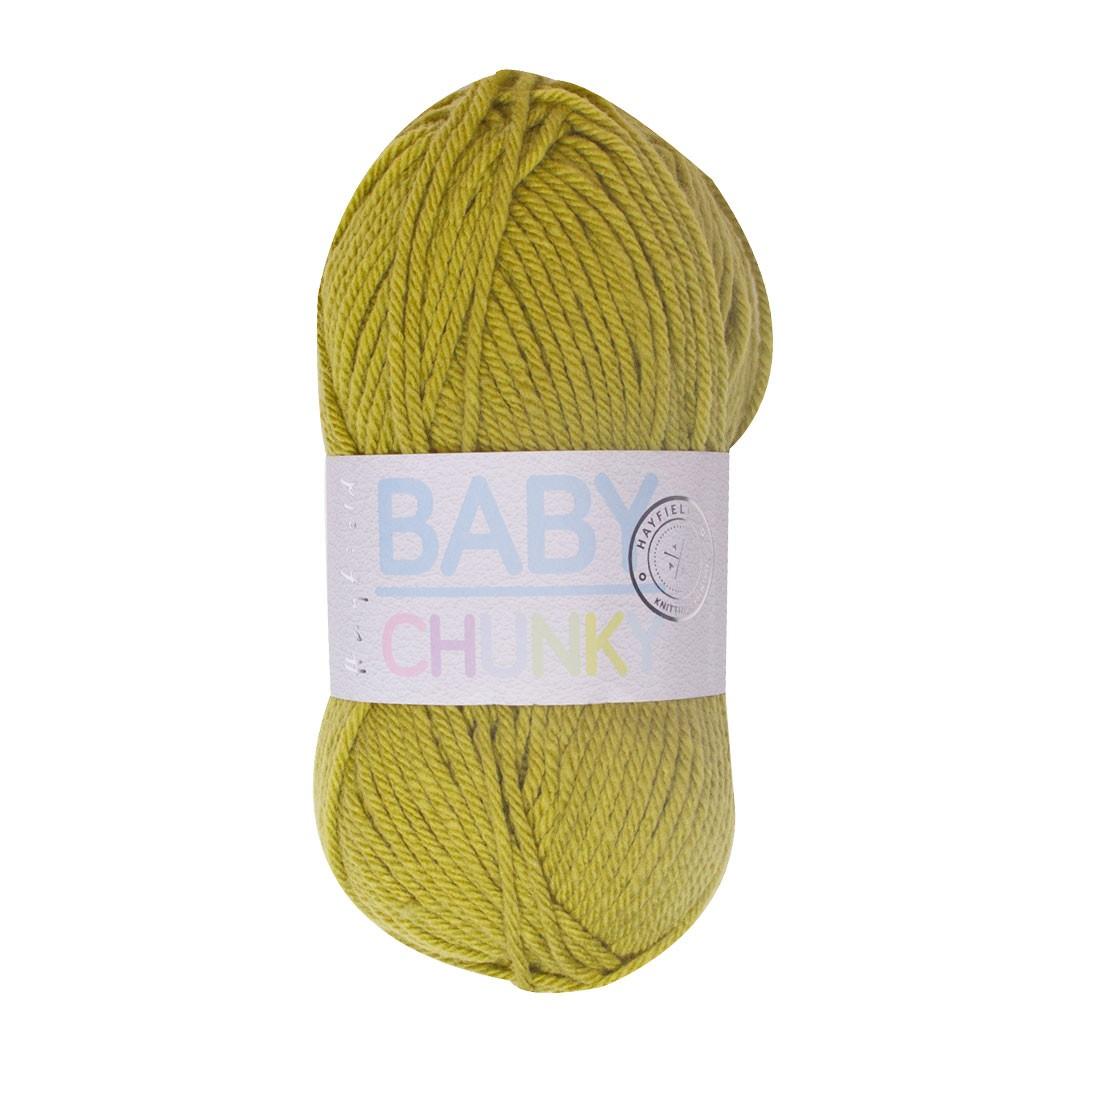 acbc5e642ce865 Hayfield Baby Chunky Wool - Applebob Green Yarn 405 - Quilt Yarn ...